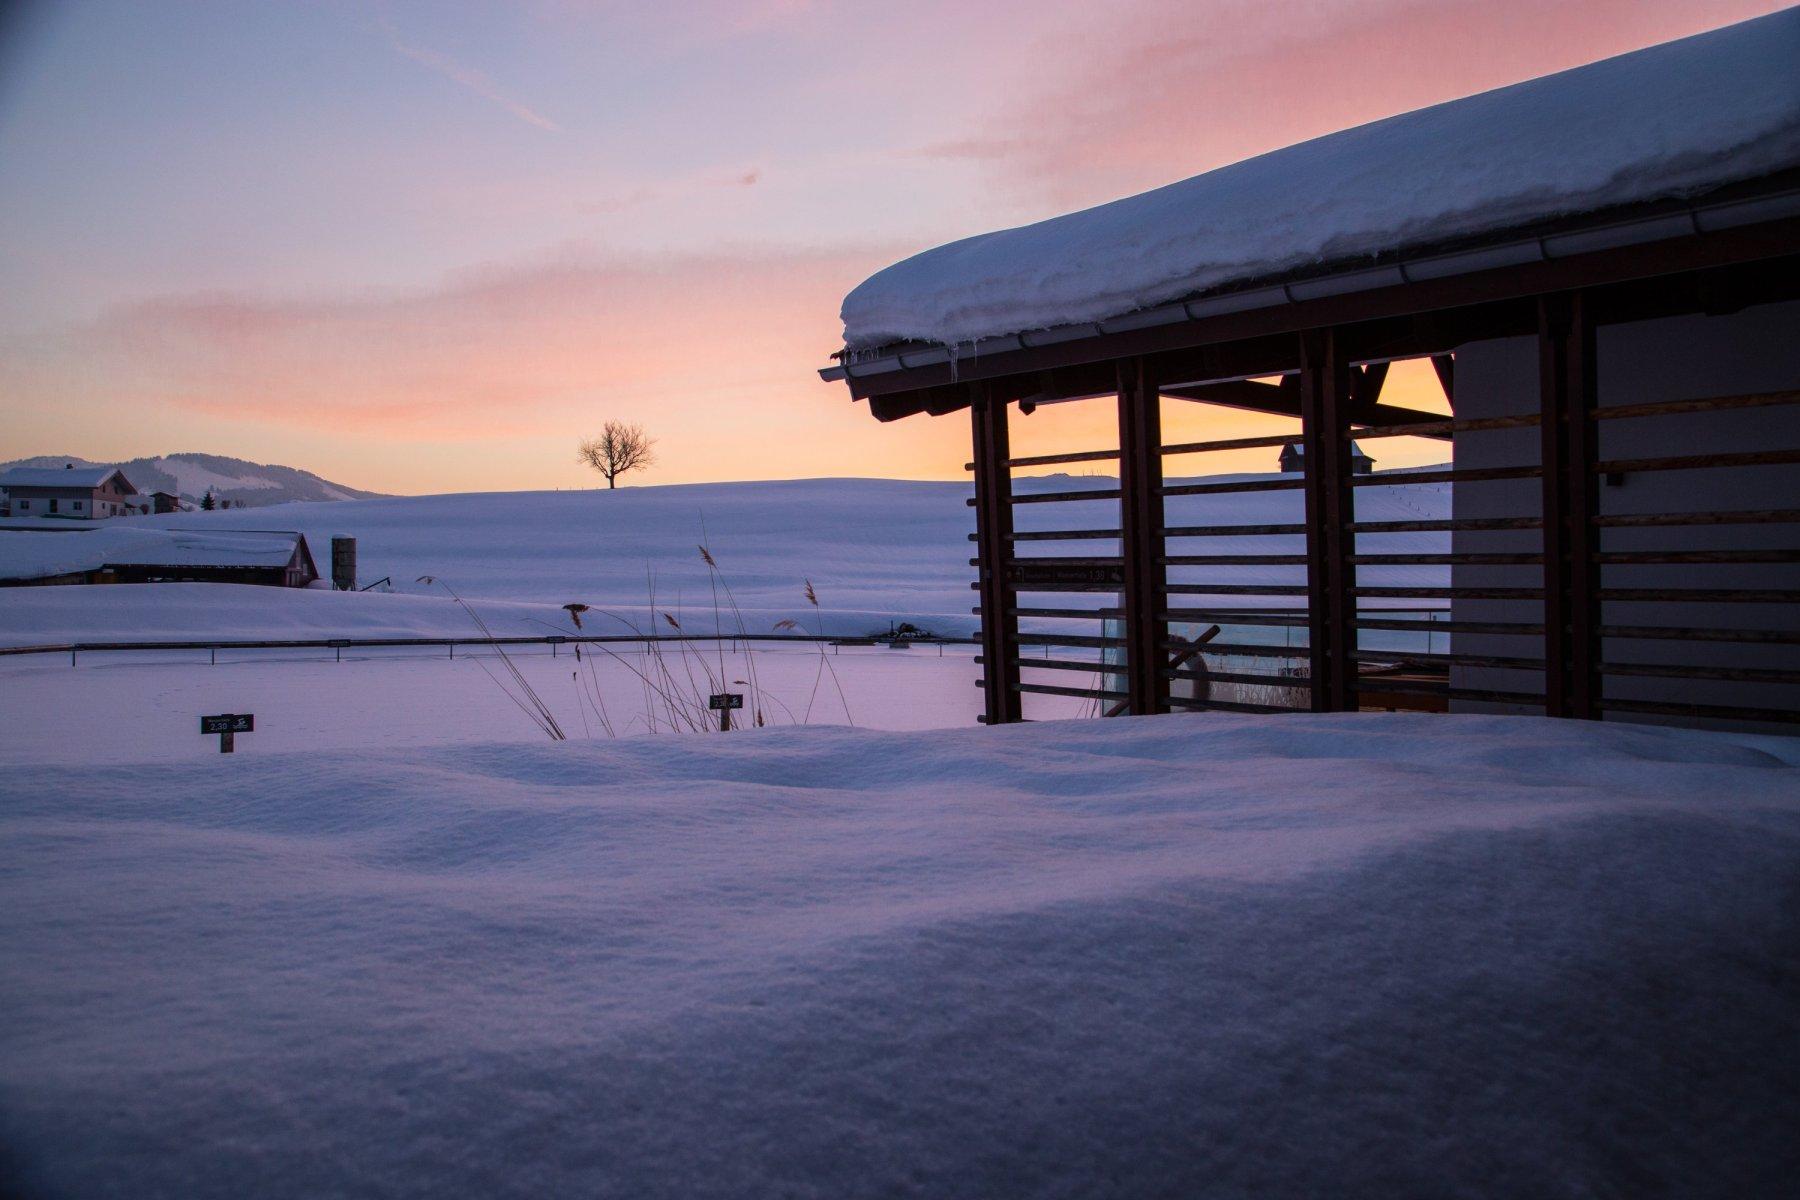 Haus am See im winterlichen Abendrot